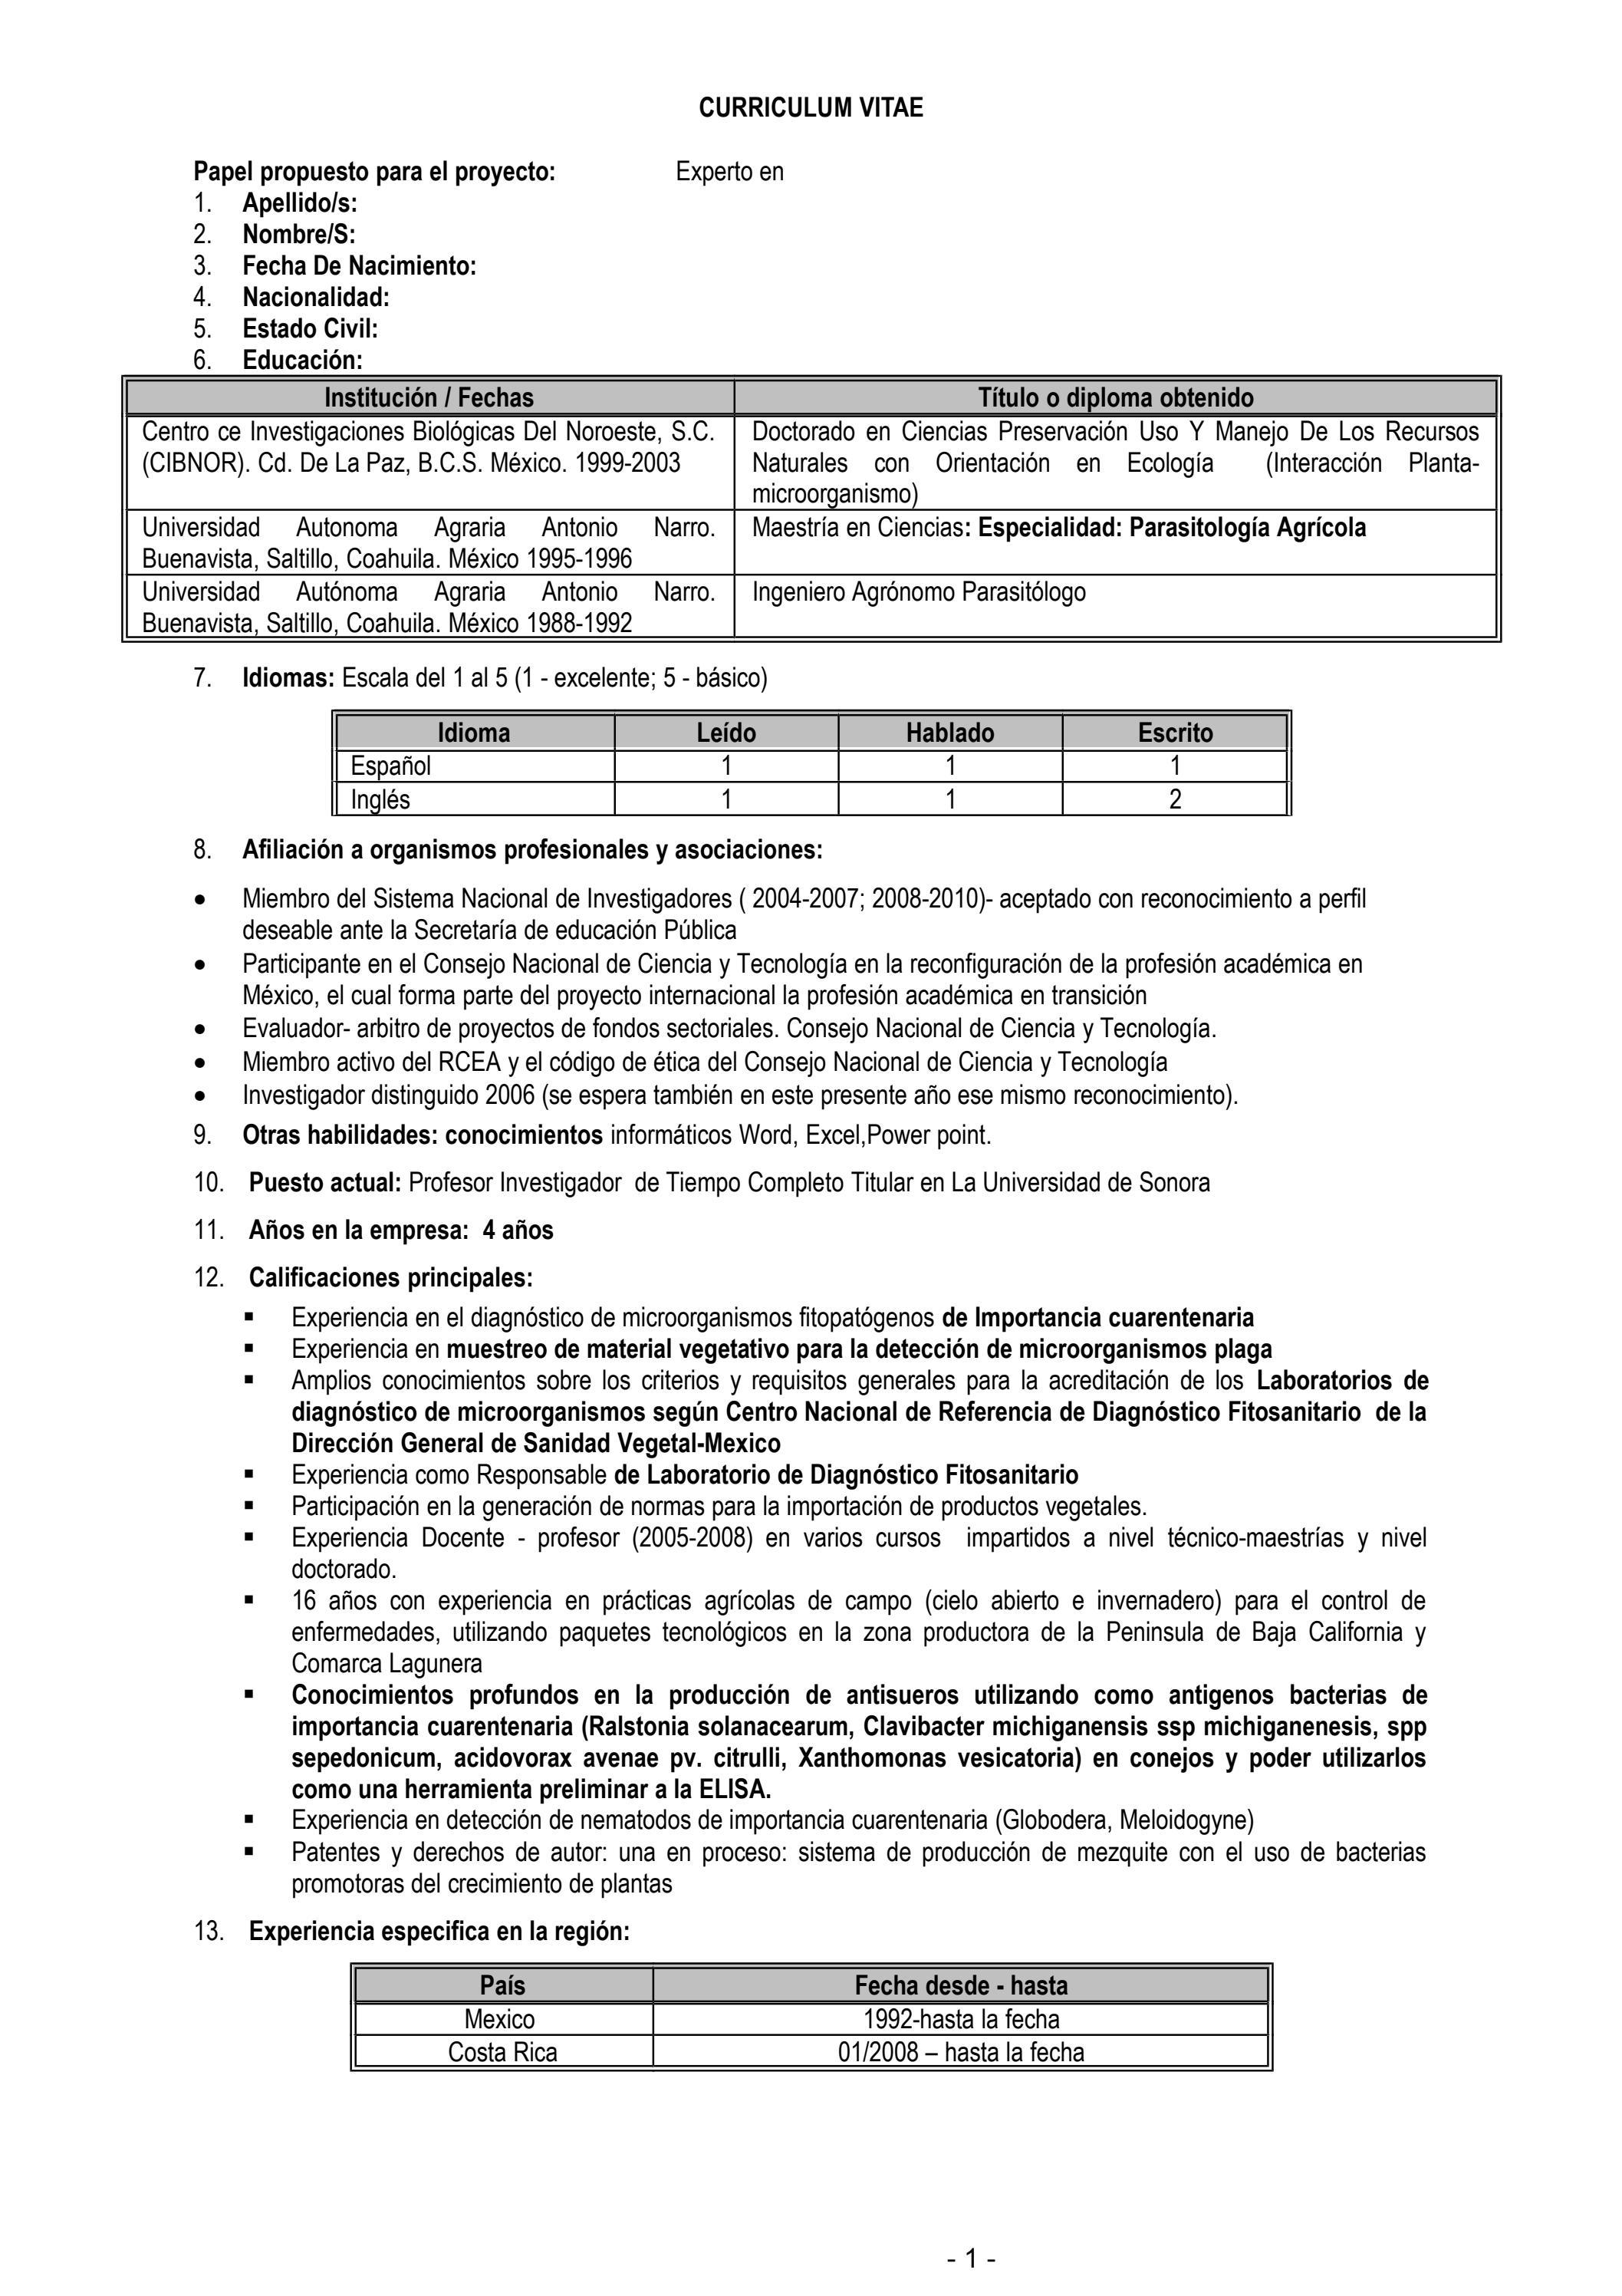 EJEMPLO FORMULARIO CV FORMATO UE by Programa de Apoyo a la Seguridad ...